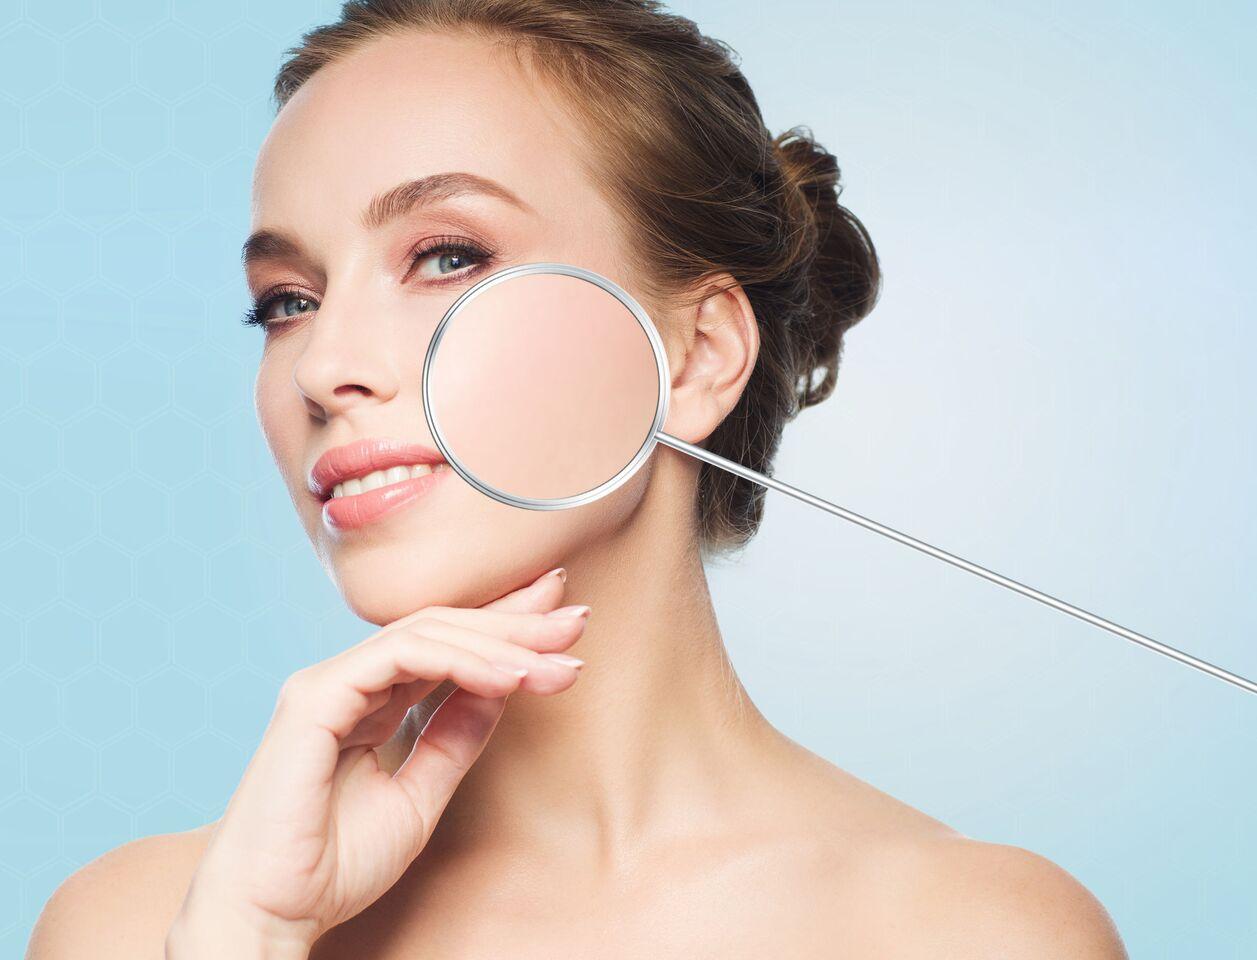 Pielęgnacja dobrana do typu skóry